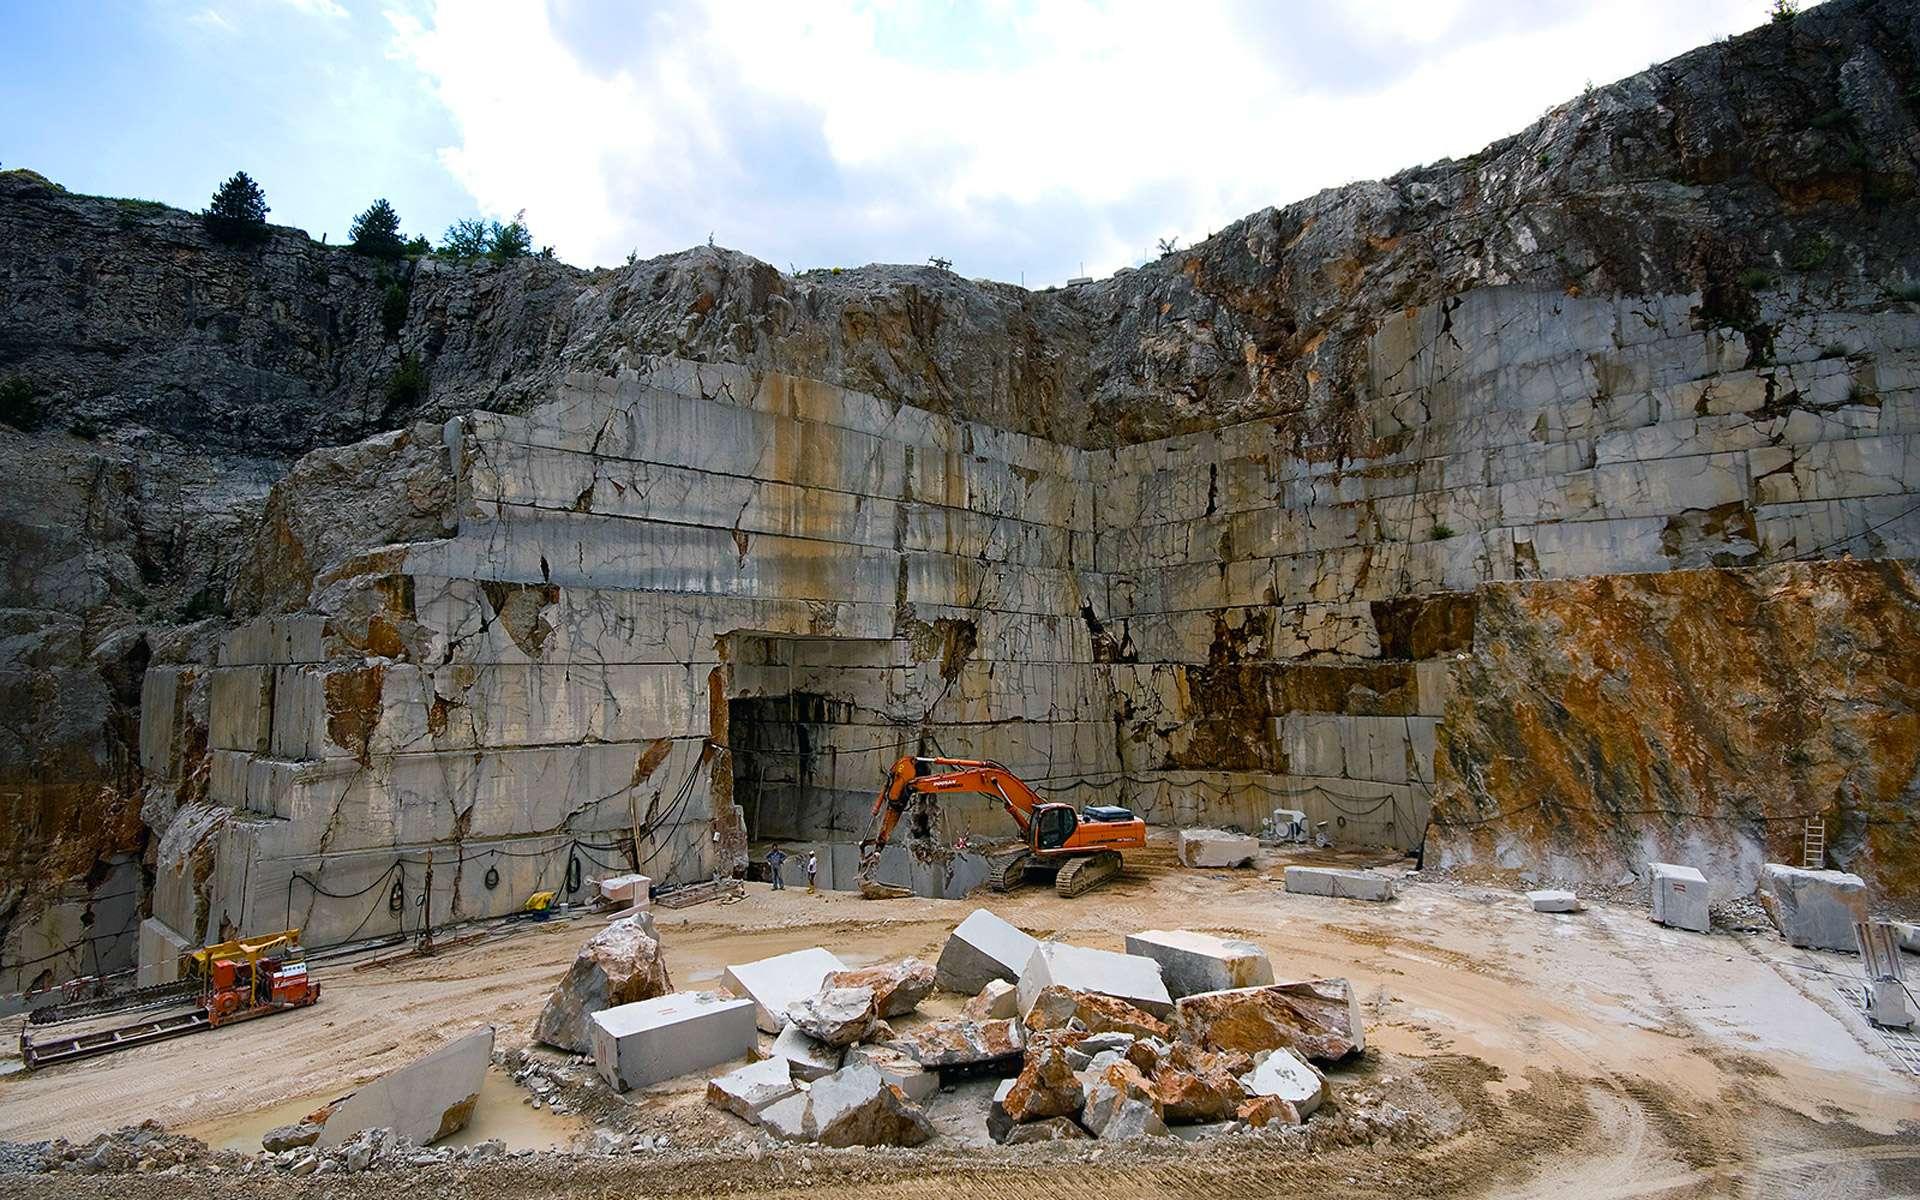 Margraf-Cava-Lipica-Fiorito